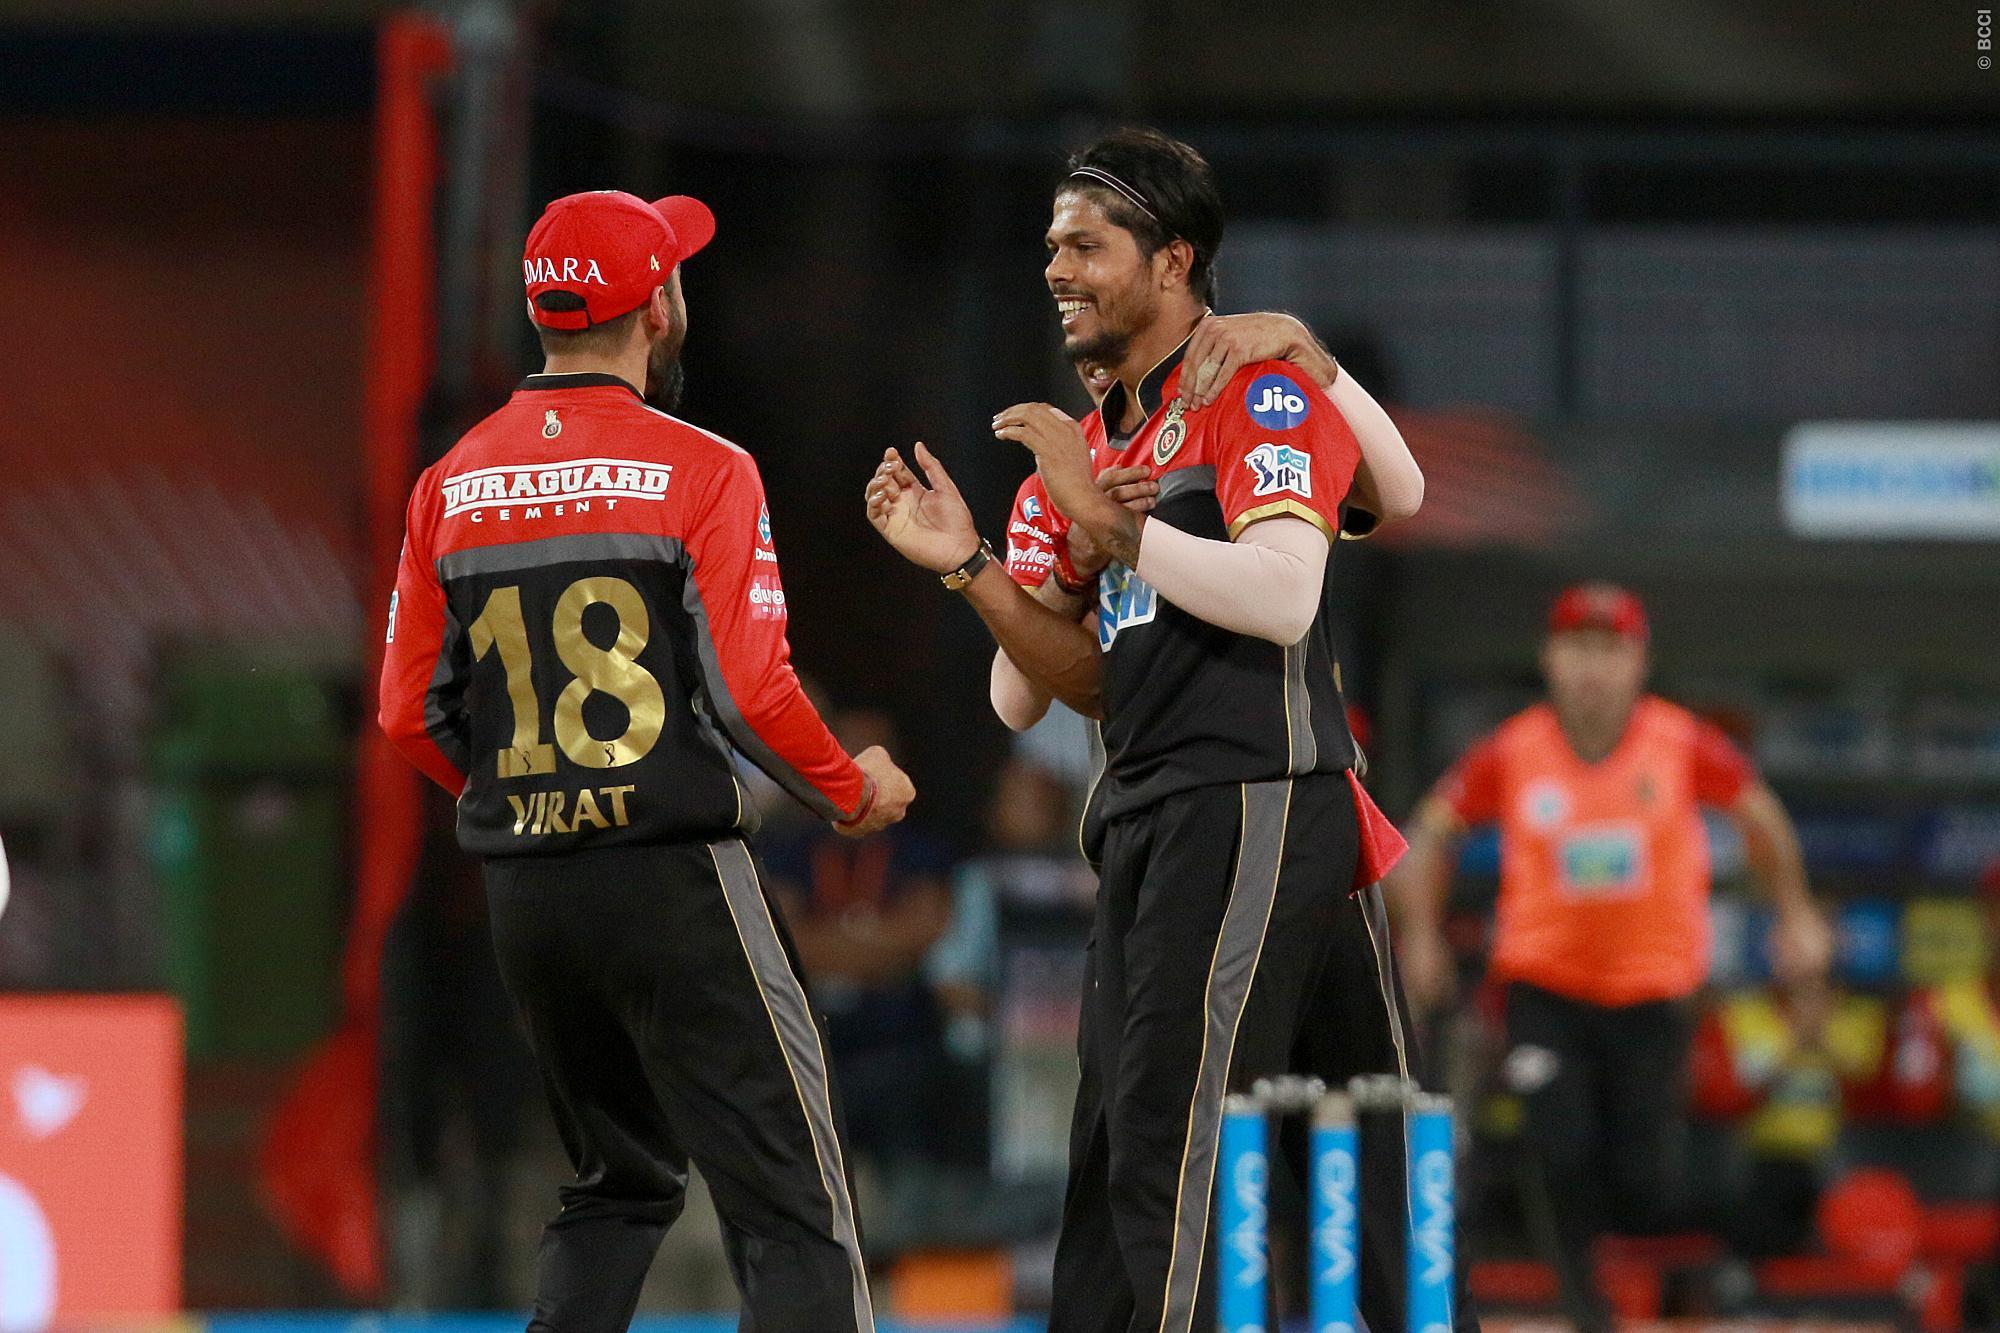 KXIP VS RCB- मैन ऑफ द मैच लेते समय उमेश यादव ने खोला अपनी सफलता का राज, कैसे मिलते है टी-20 में विकेट